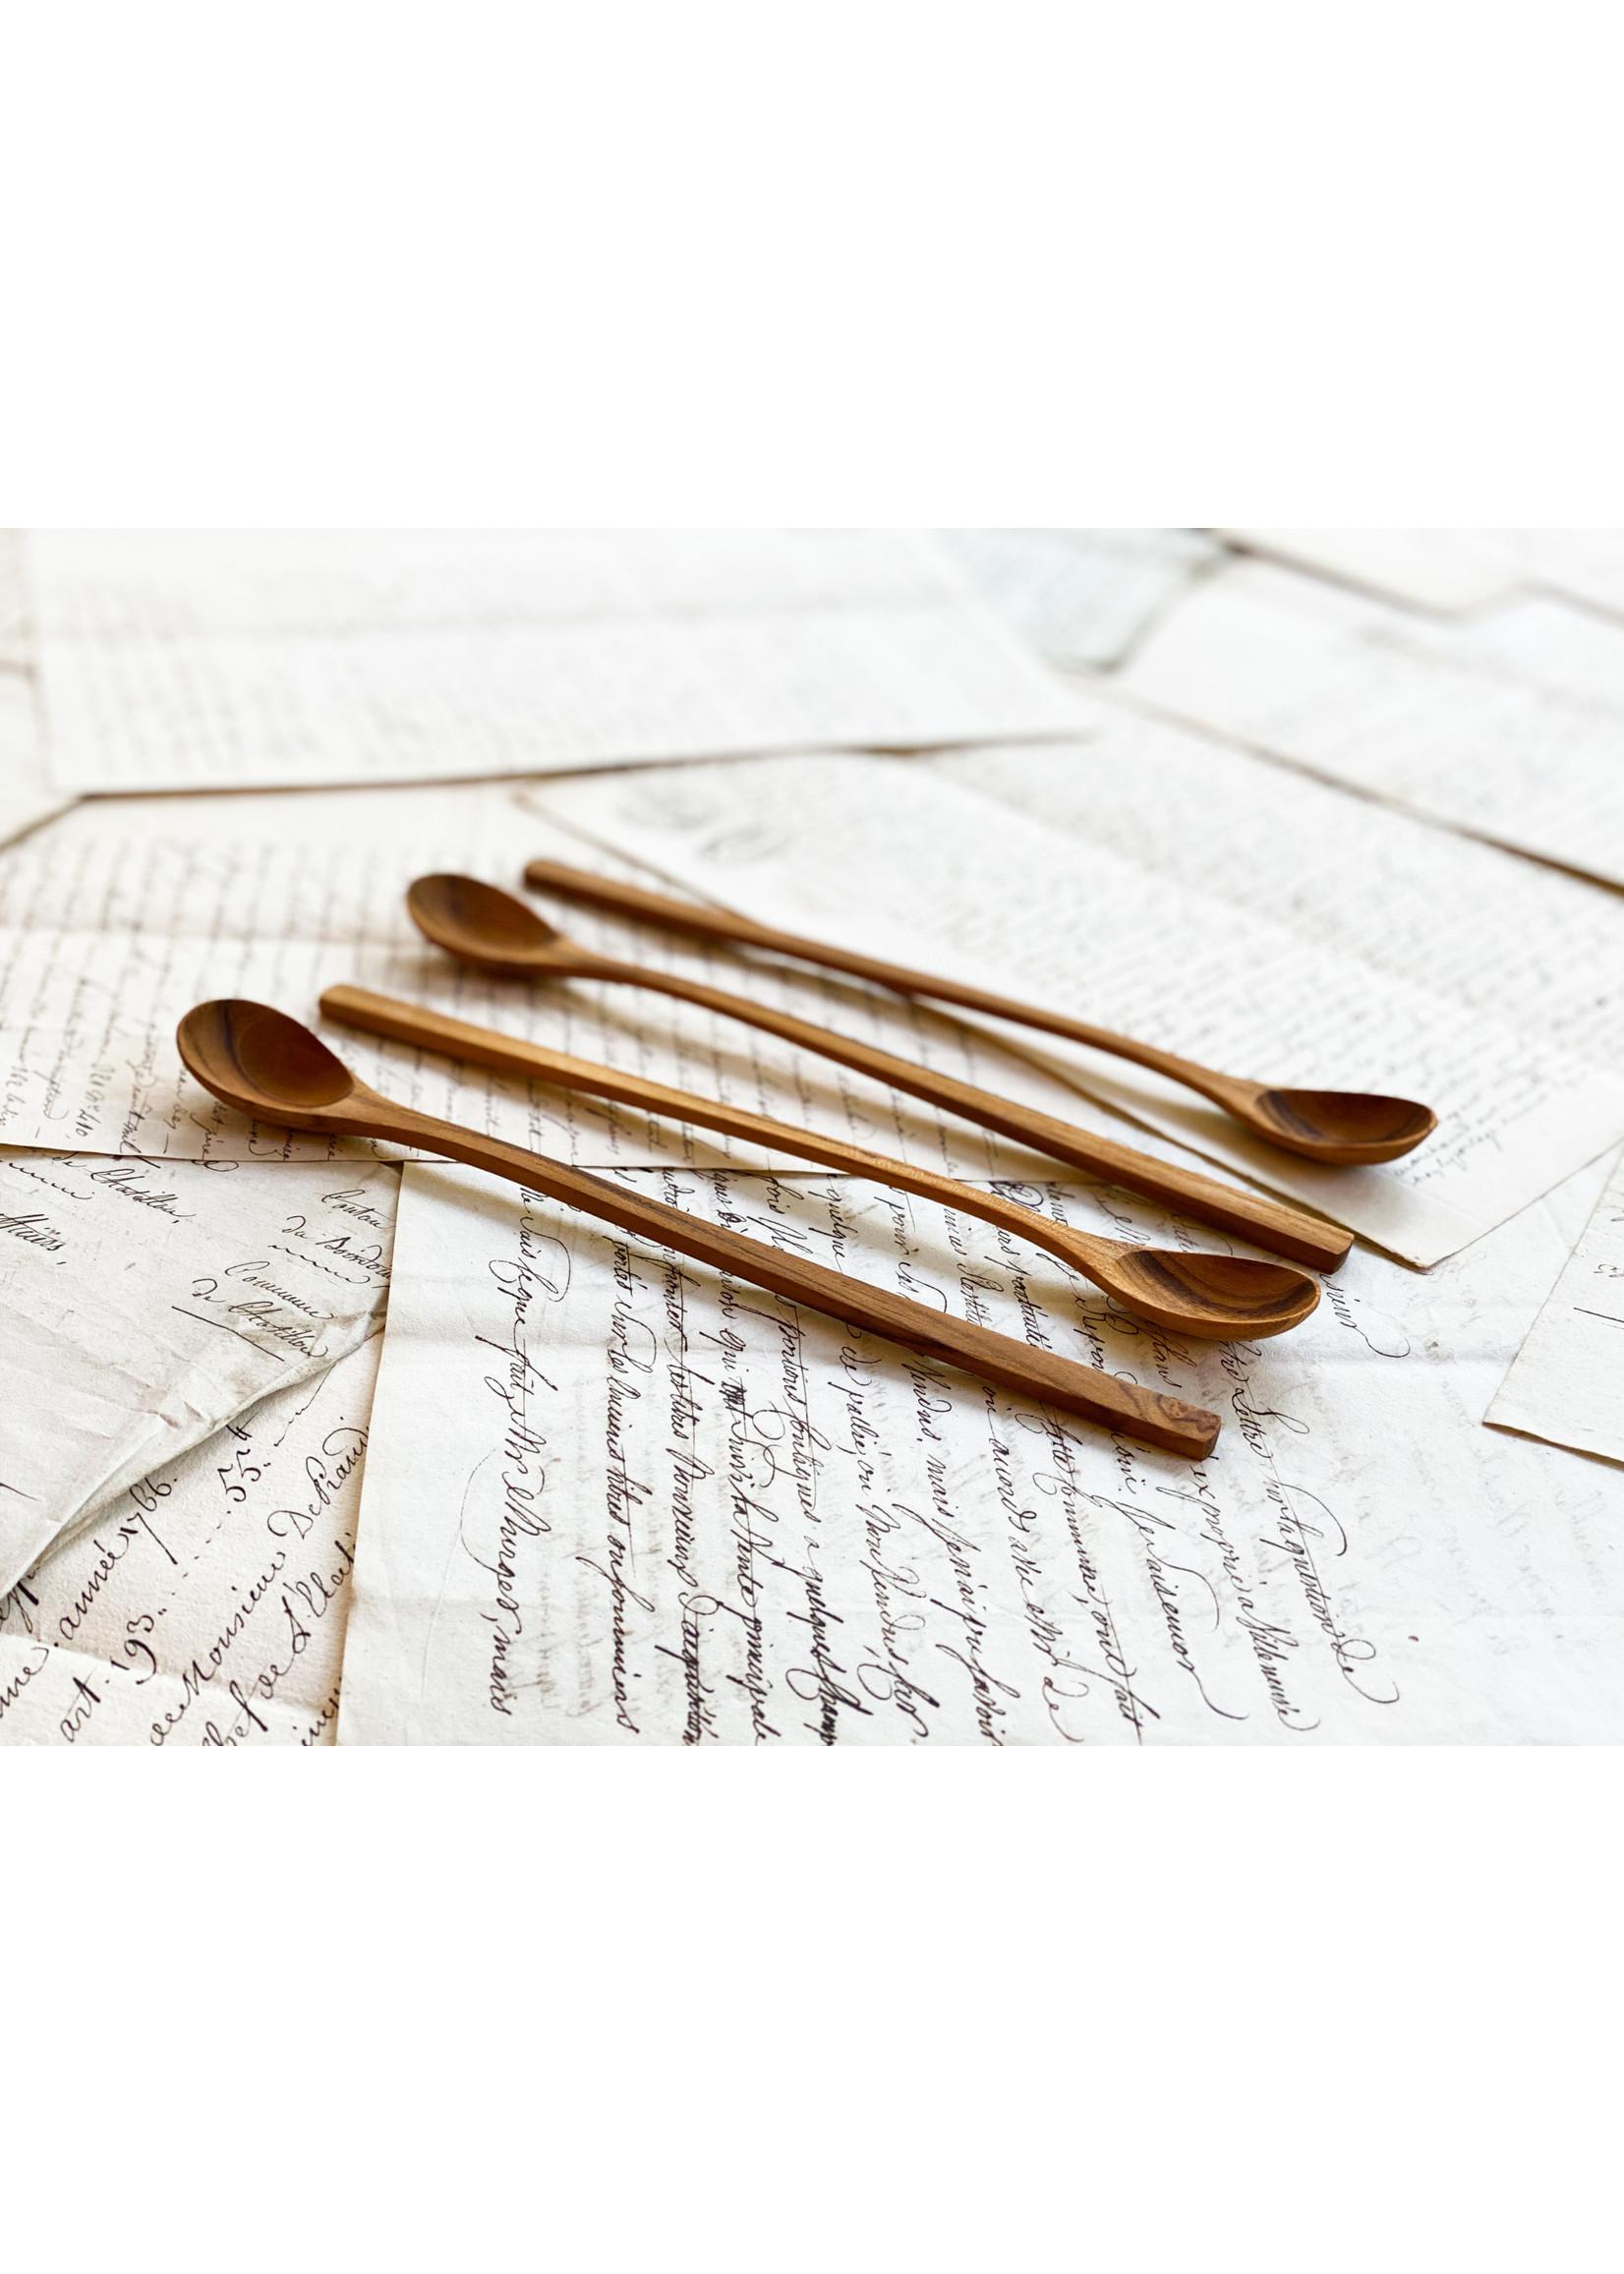 Teak Long Spoon (set of 4)